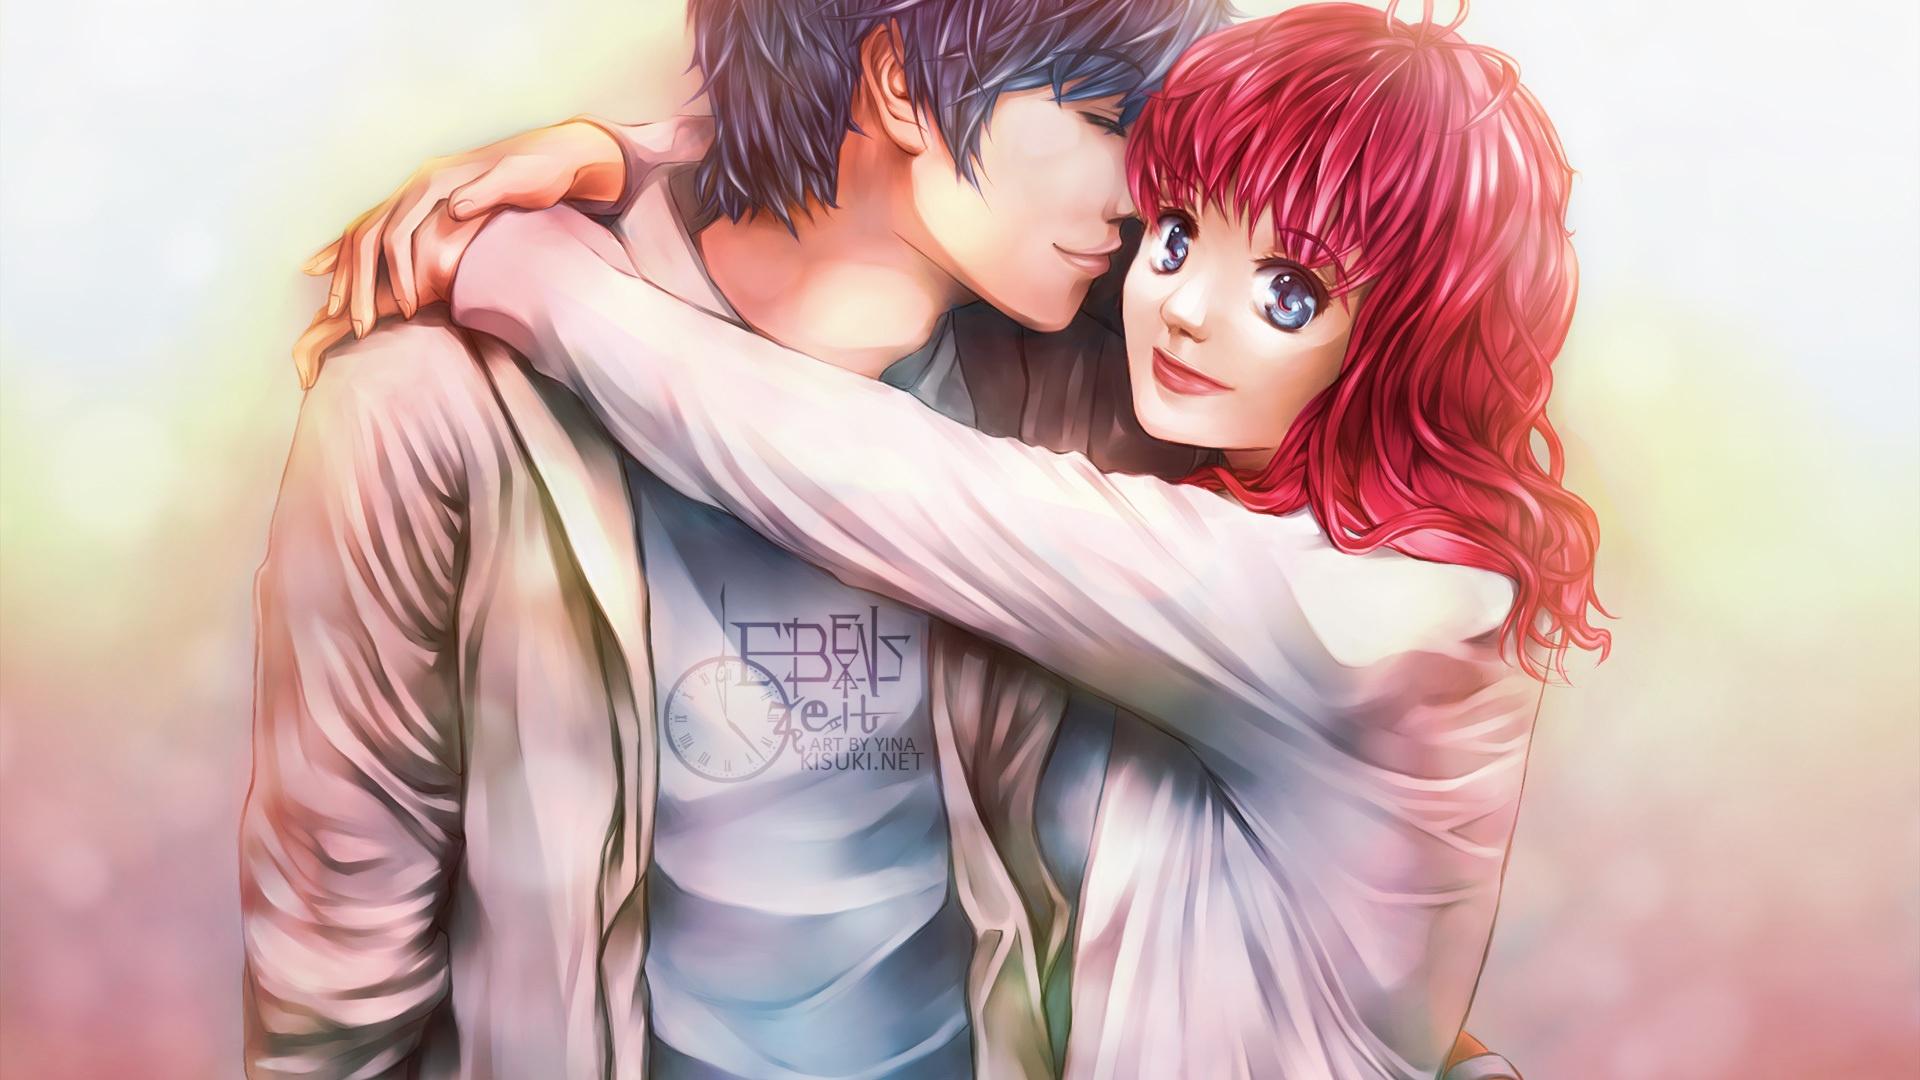 Anime Jungen Und Mädchen Liebhaber 1920x1080 Full Hd 2k